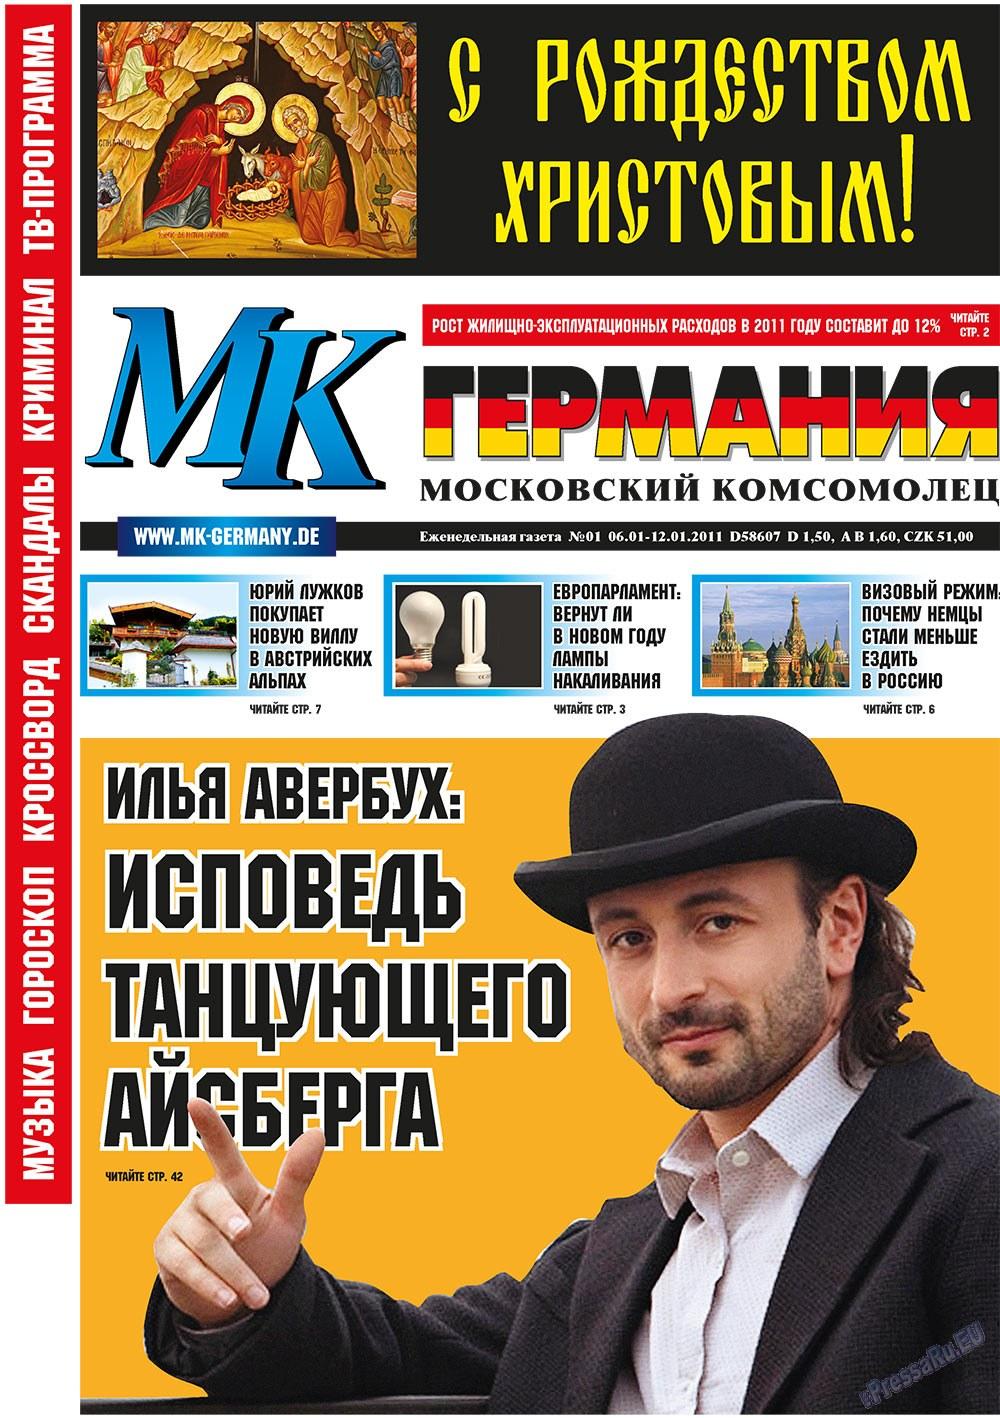 МК-Германия (газета). 2011 год, номер 1, стр. 1